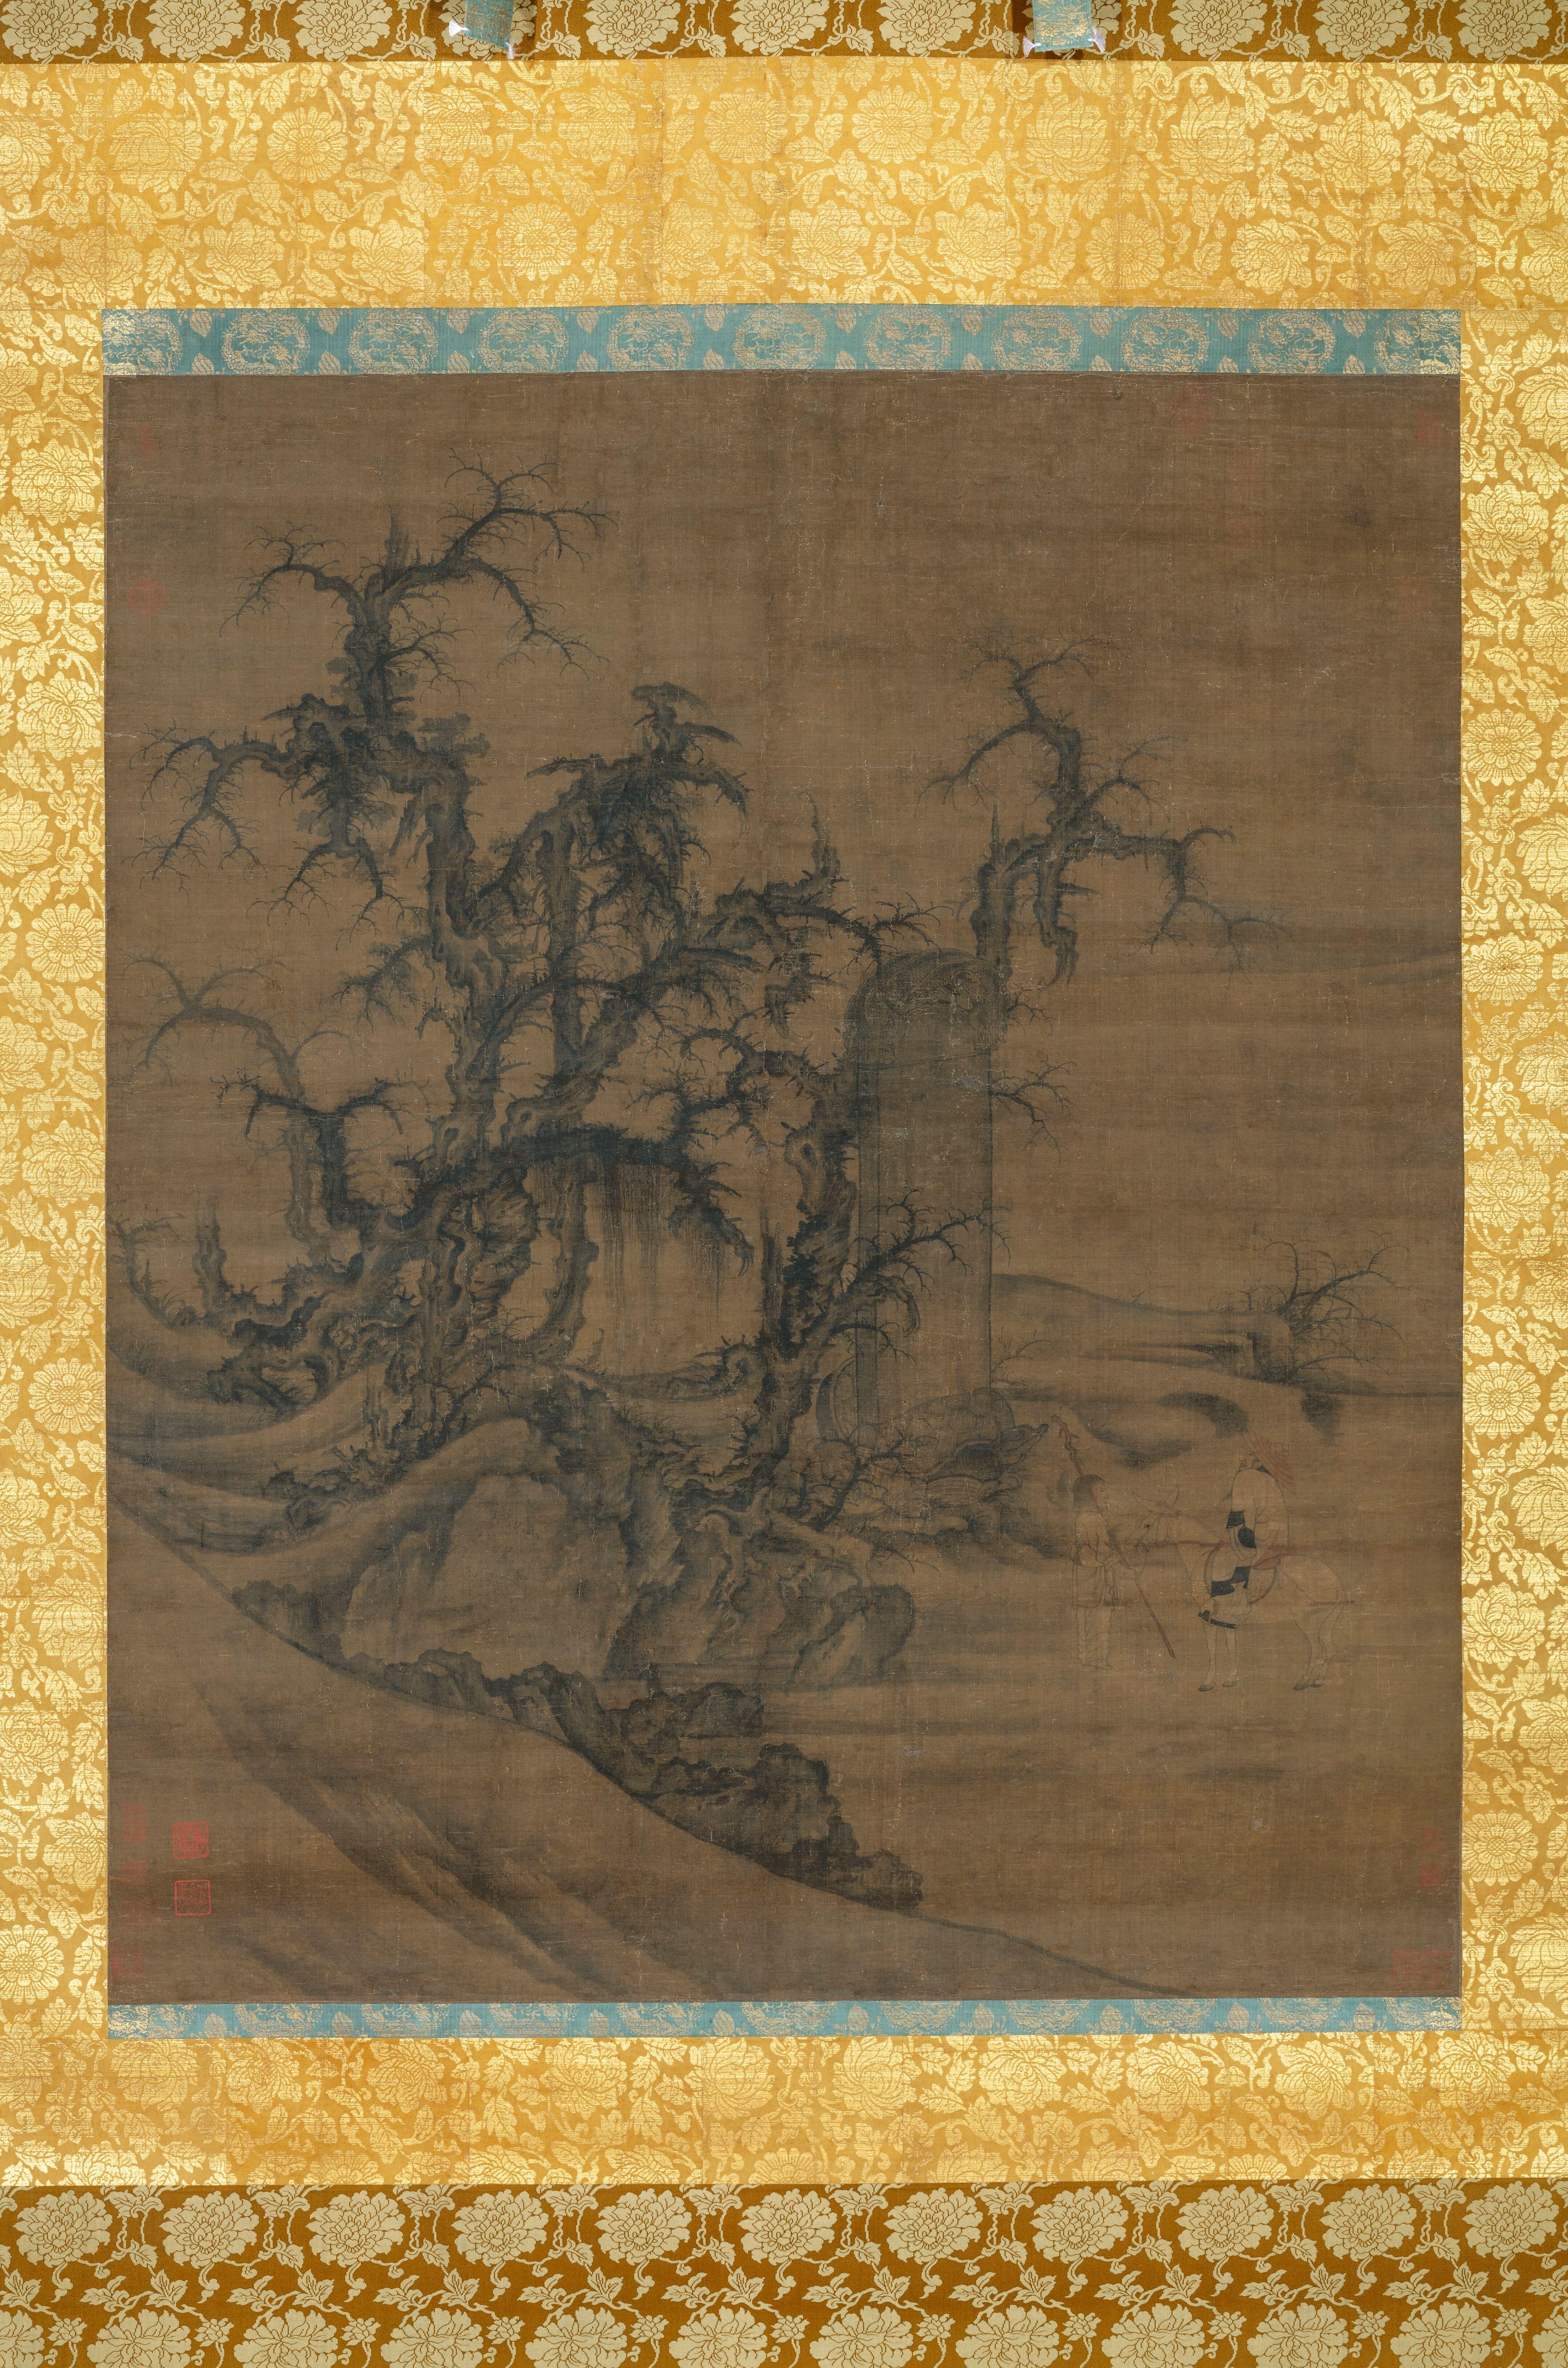 读碑窠石图 北宋 李成 大阪市立美术馆